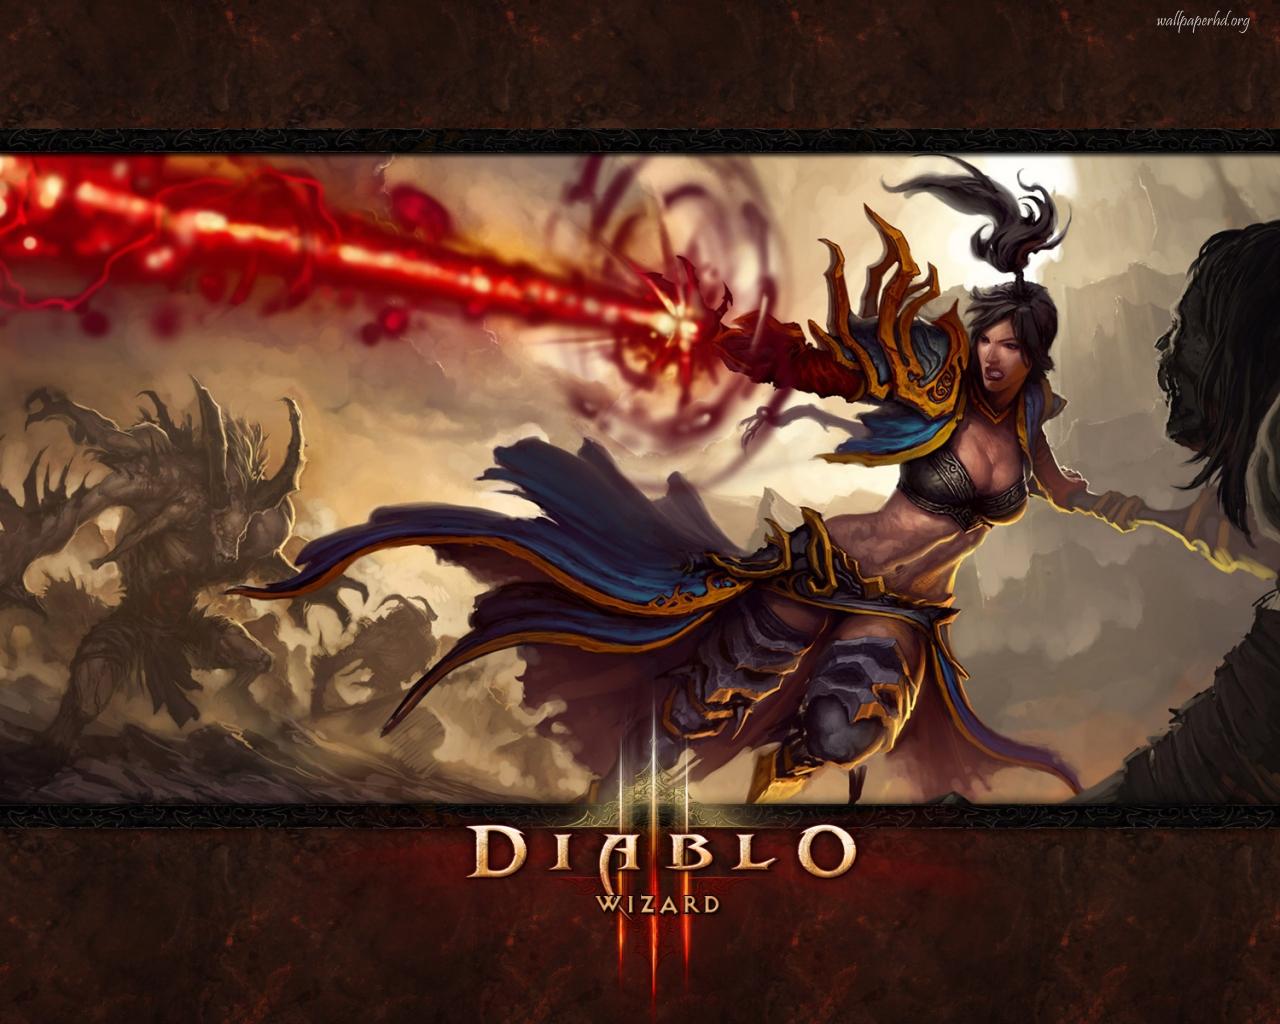 Diablo 3 High Damage Wizard Build